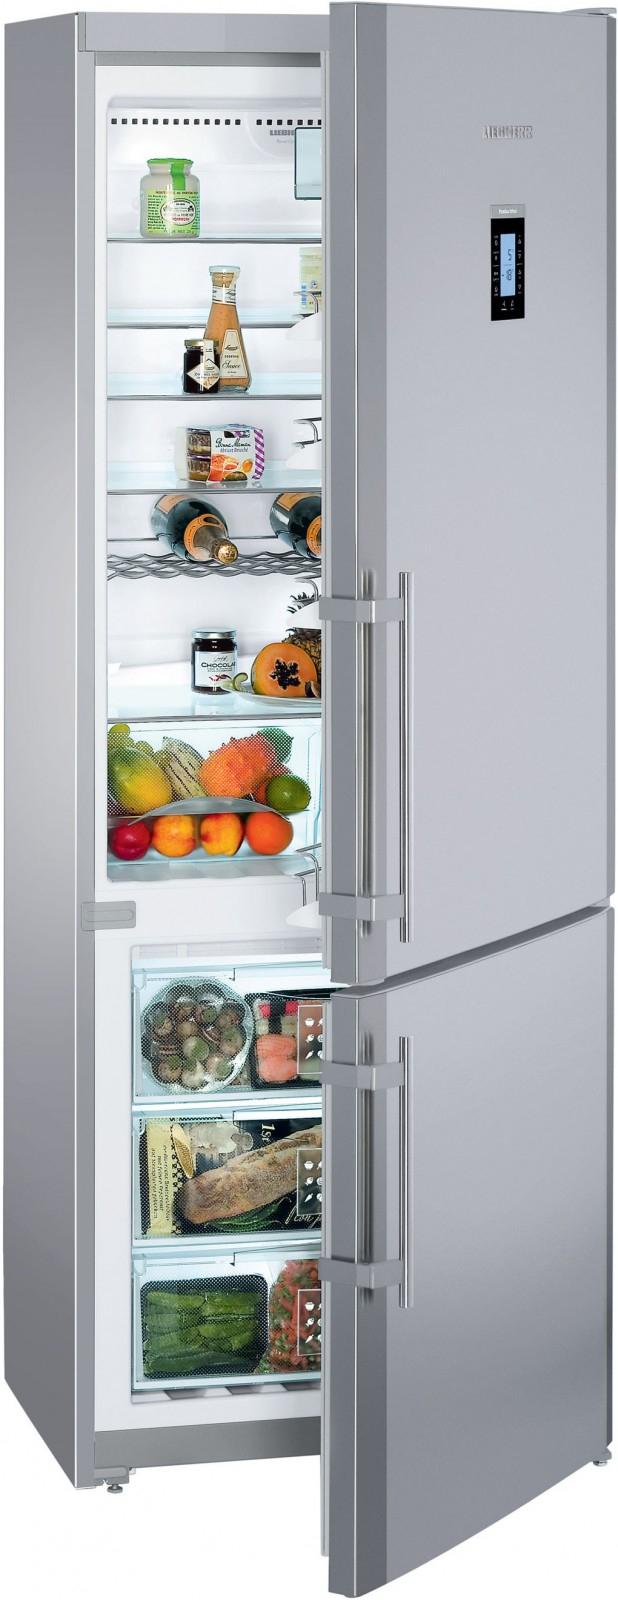 купить Двухкамерный холодильник Liebherr CNes 5156 Украина фото 3